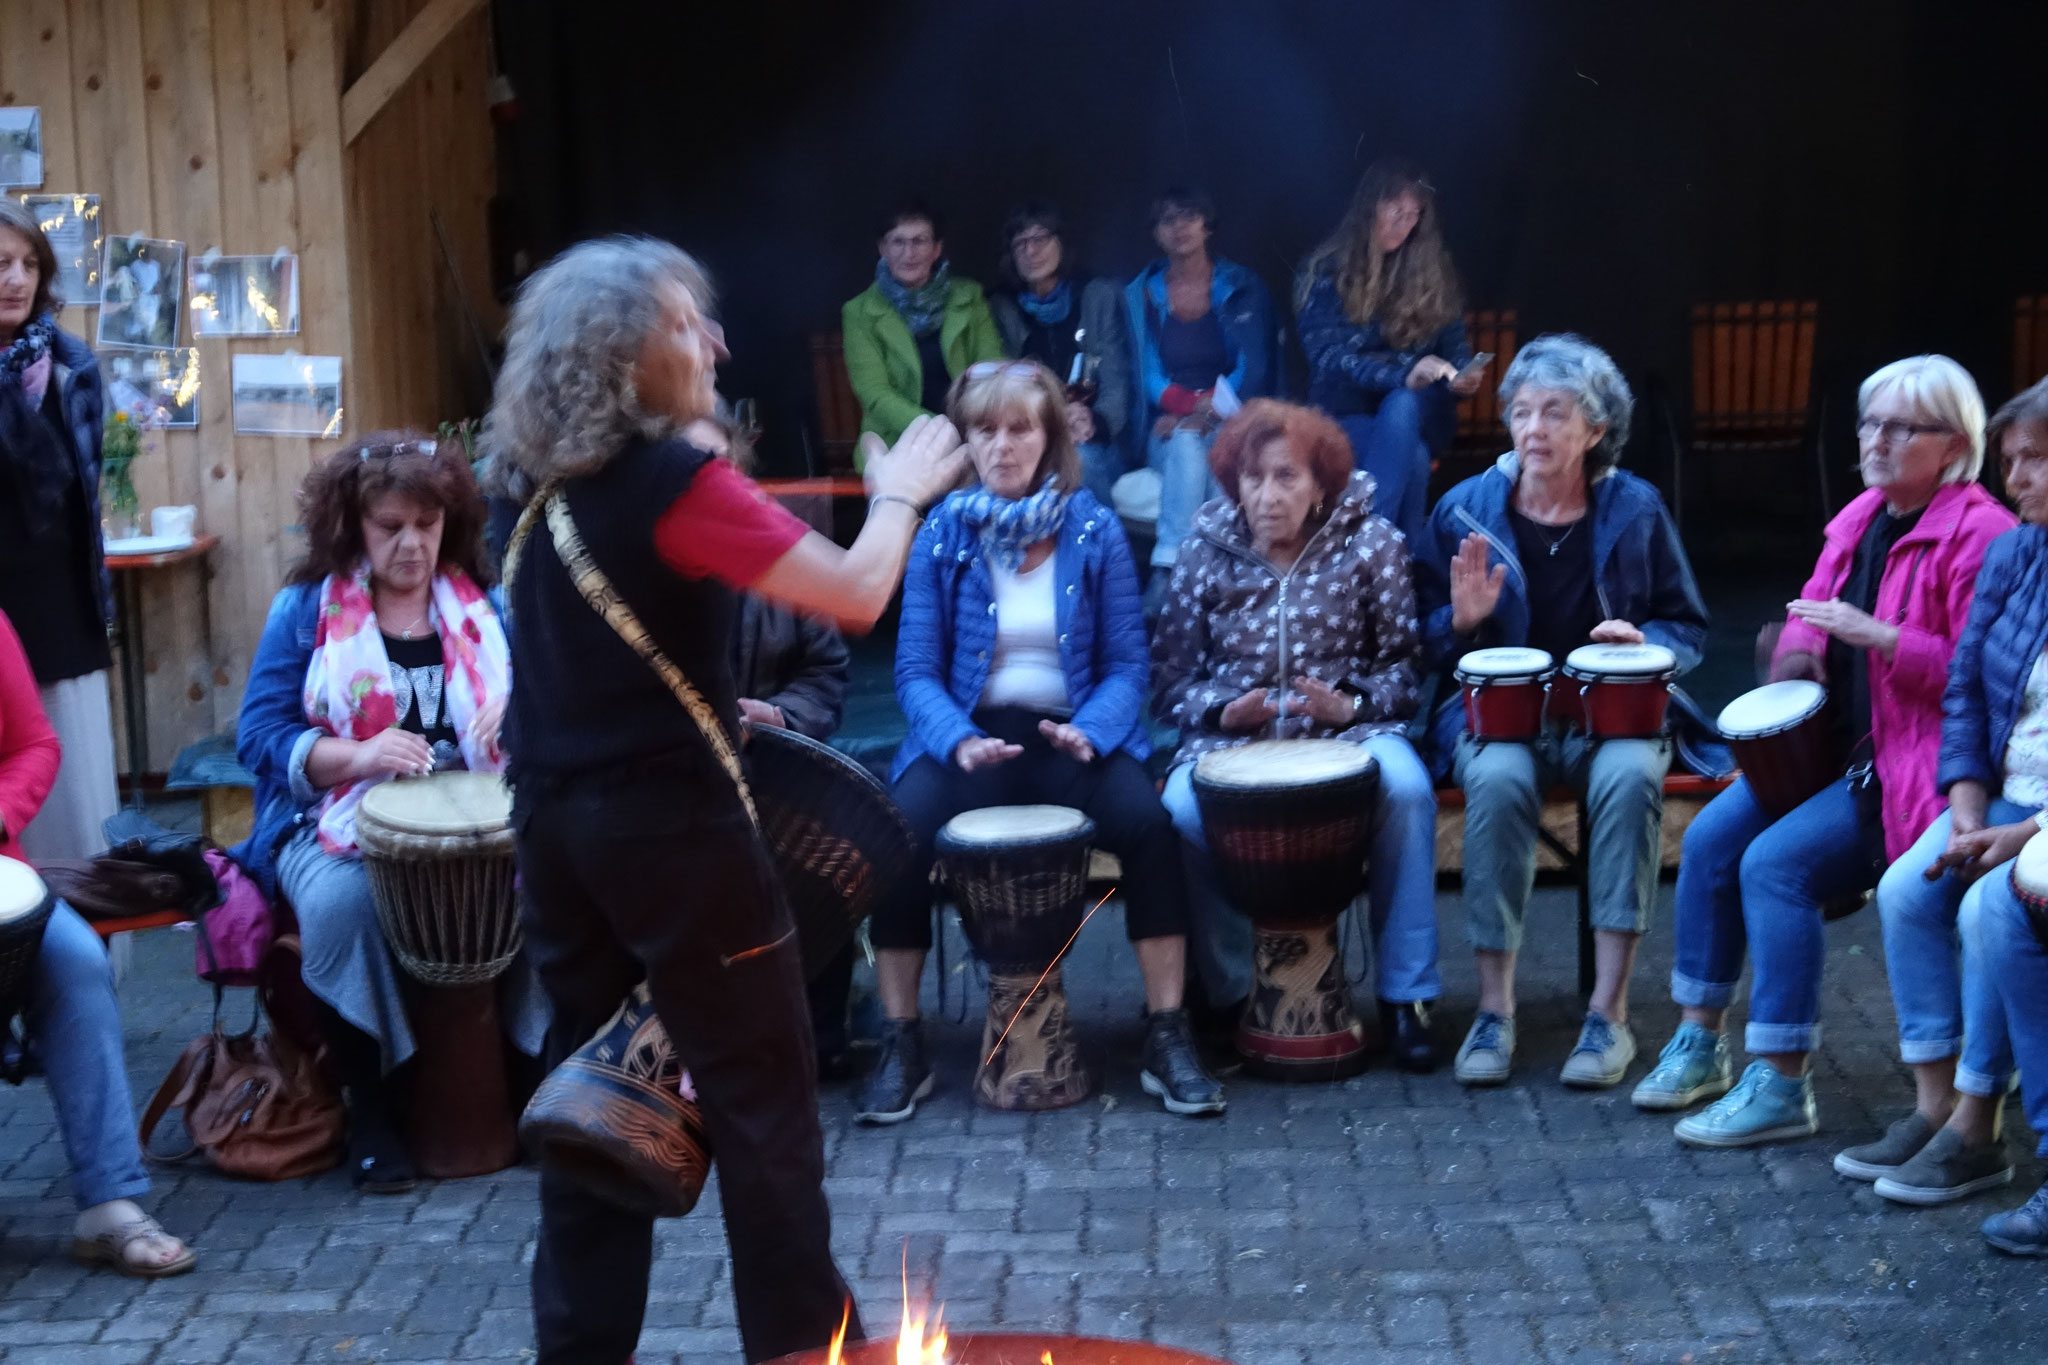 11.07.2018 Benefitz - Musik- und Trommlerfest Lauterhofen (für ein Mädchenprojekt in Togo) mit Claudia Stöckel-Lang, Maria Eder-Poll, Georgina